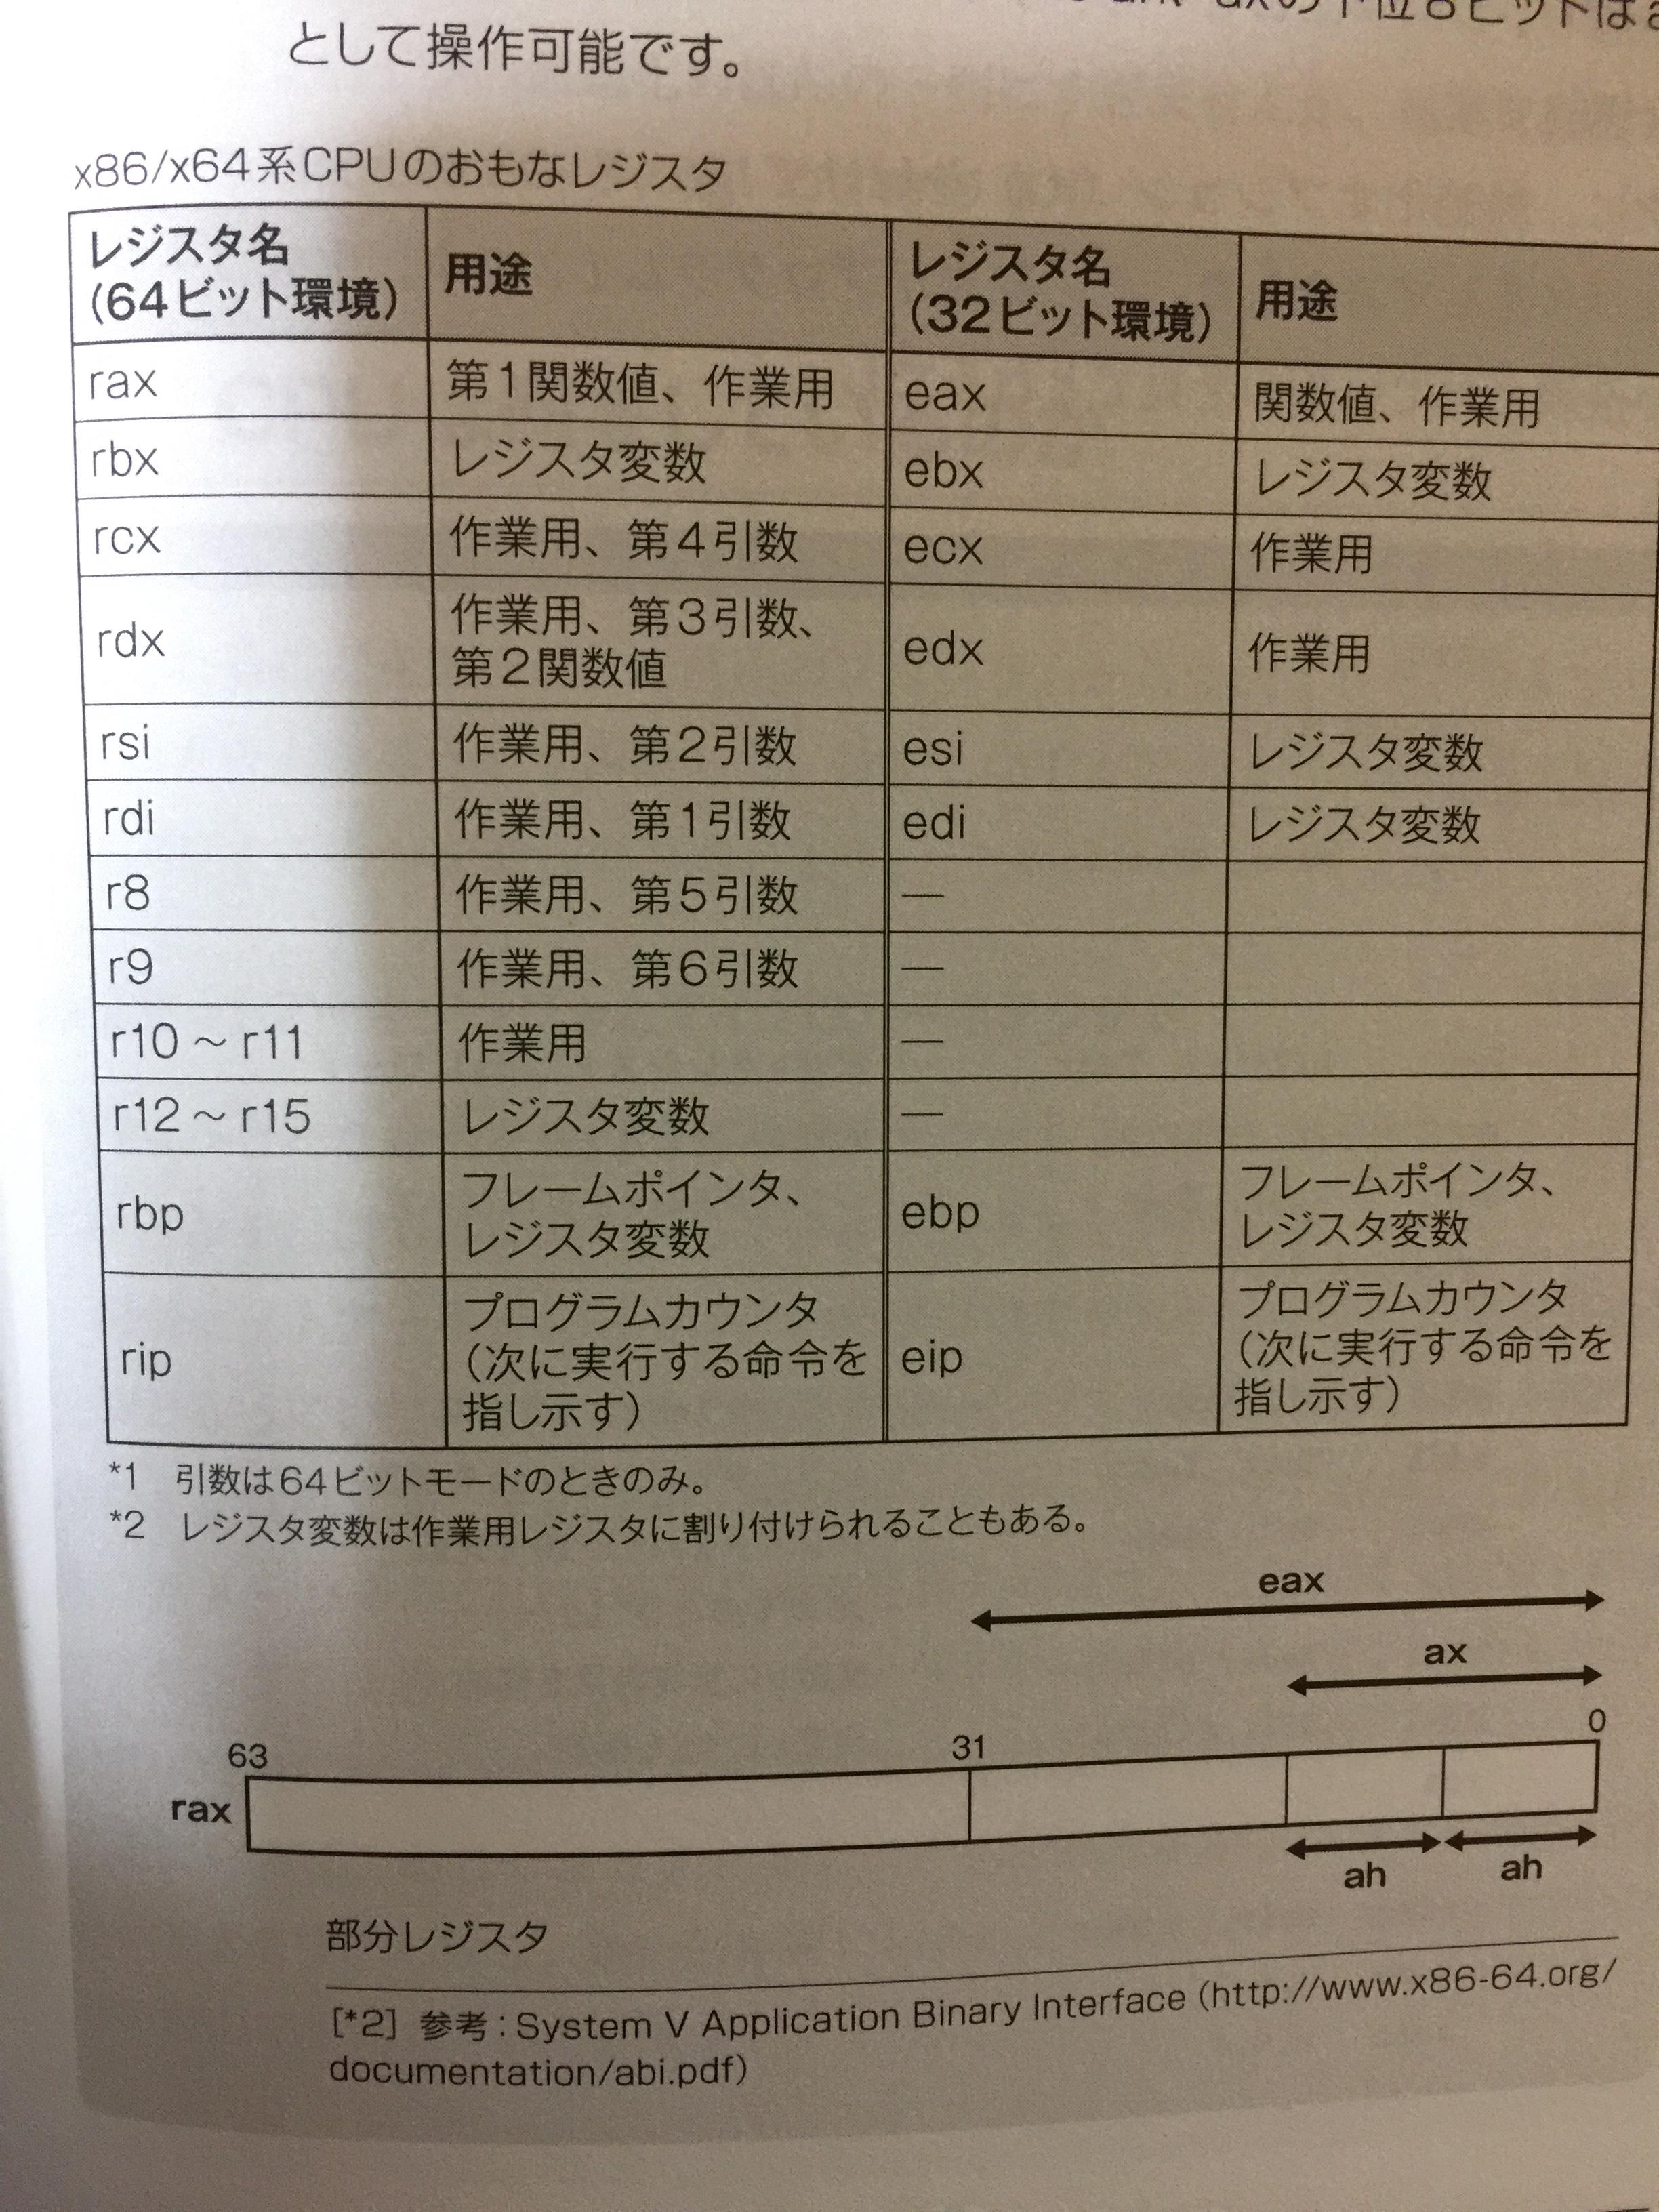 767C334A-6211-4A85-B34A-47C22F13C066.JPG